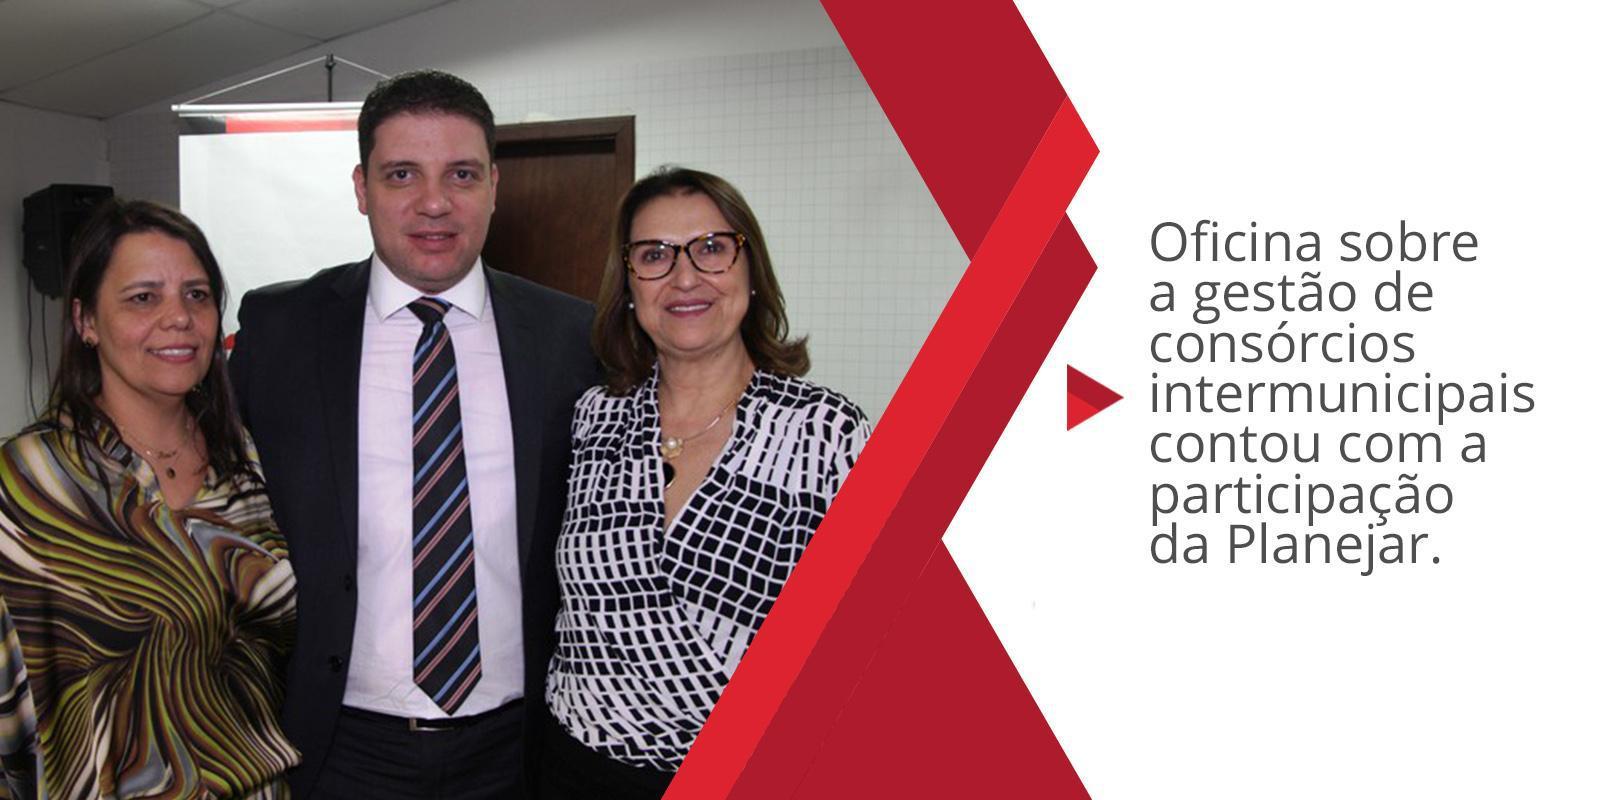 Márcia Mendes representa a Planejar na oficina sobre a gestão de consórcios intermunicipais